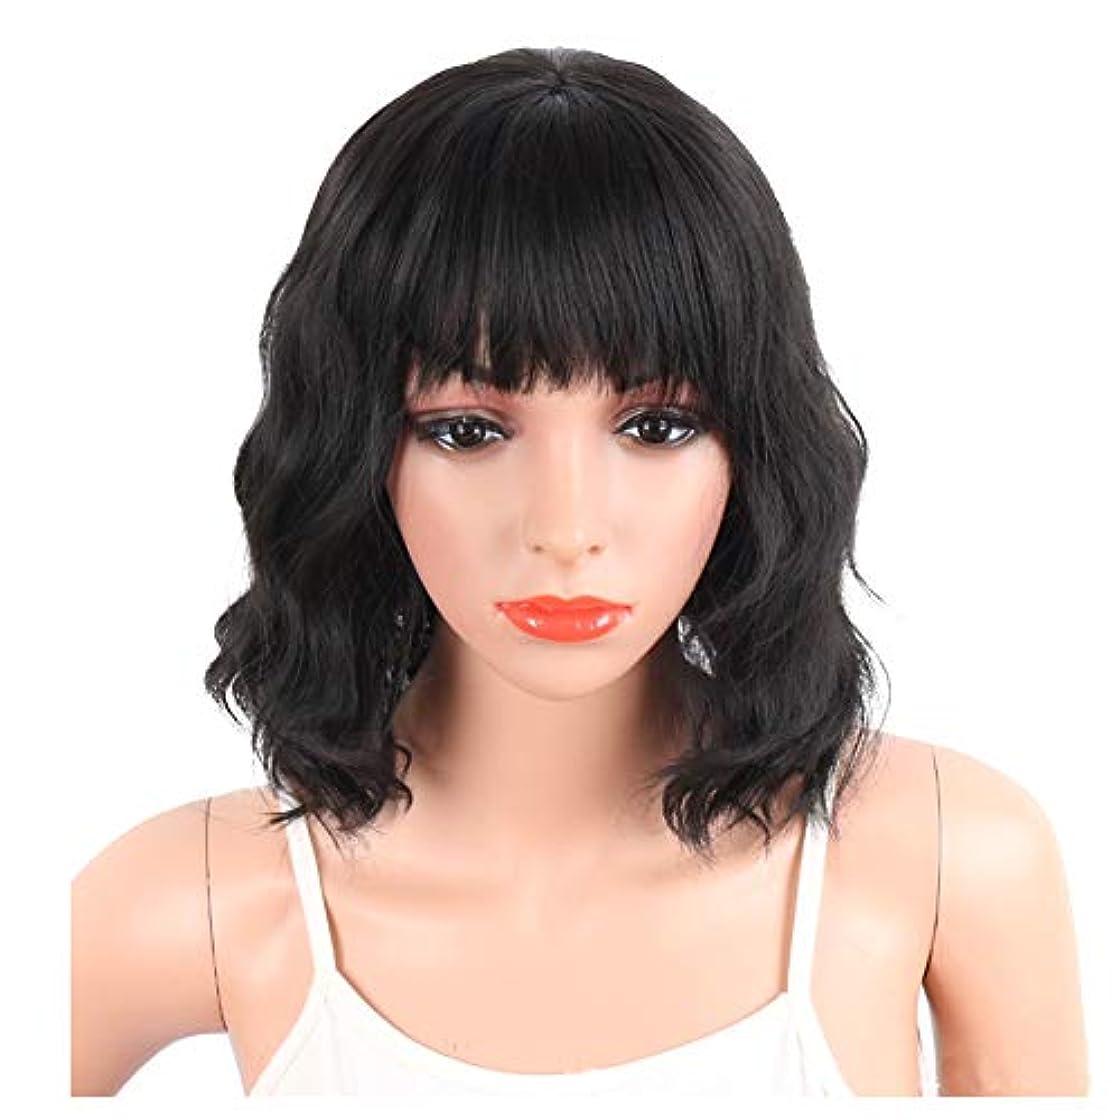 鼻雪だるまを作る気を散らすYOUQIU 10インチの女性のかつら用エア前髪コスプレ衣装デイリーパーティーウィッグの女性女の子ショートカーリーの合成ブラックウィッグ (色 : 黒, サイズ : 10